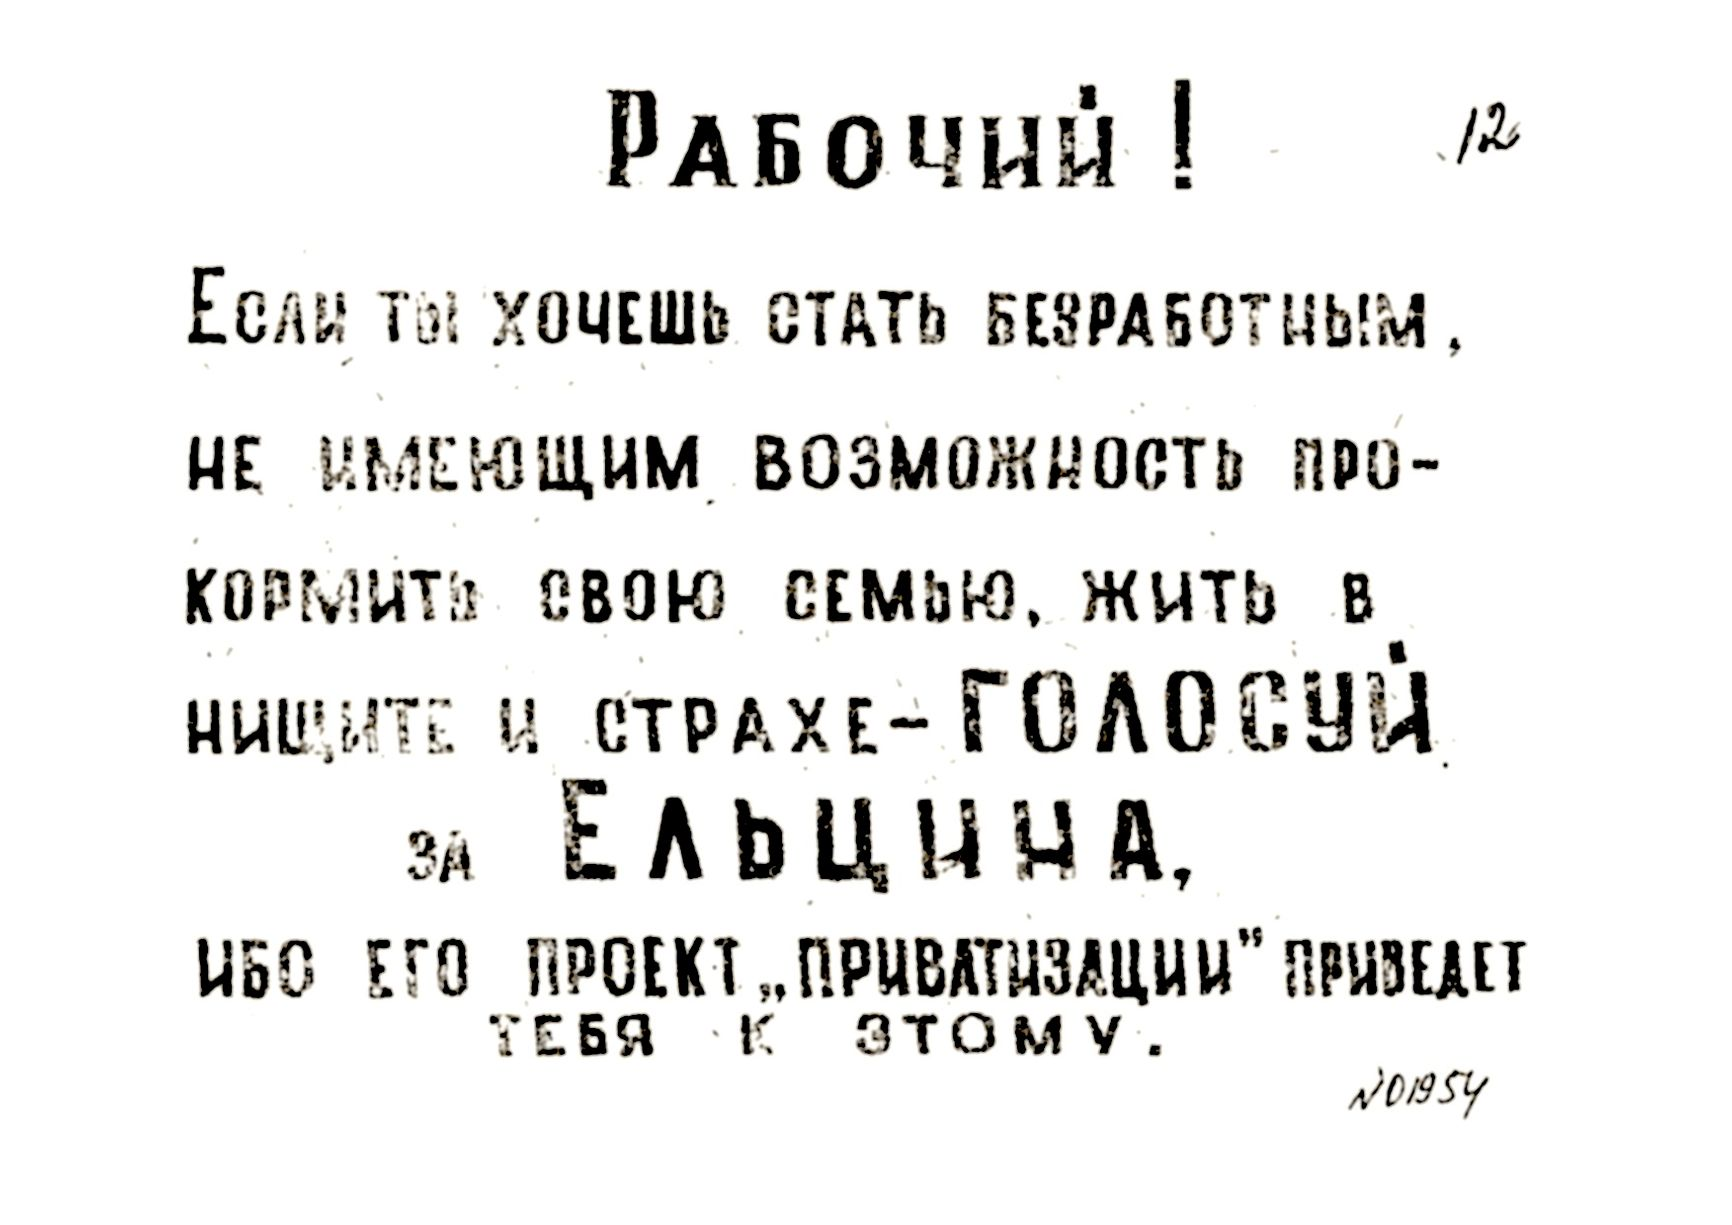 Листовка против Ельцина, 1991 г. Из личного фонда Б.Н.Ельцина из архива президента Российской федерации